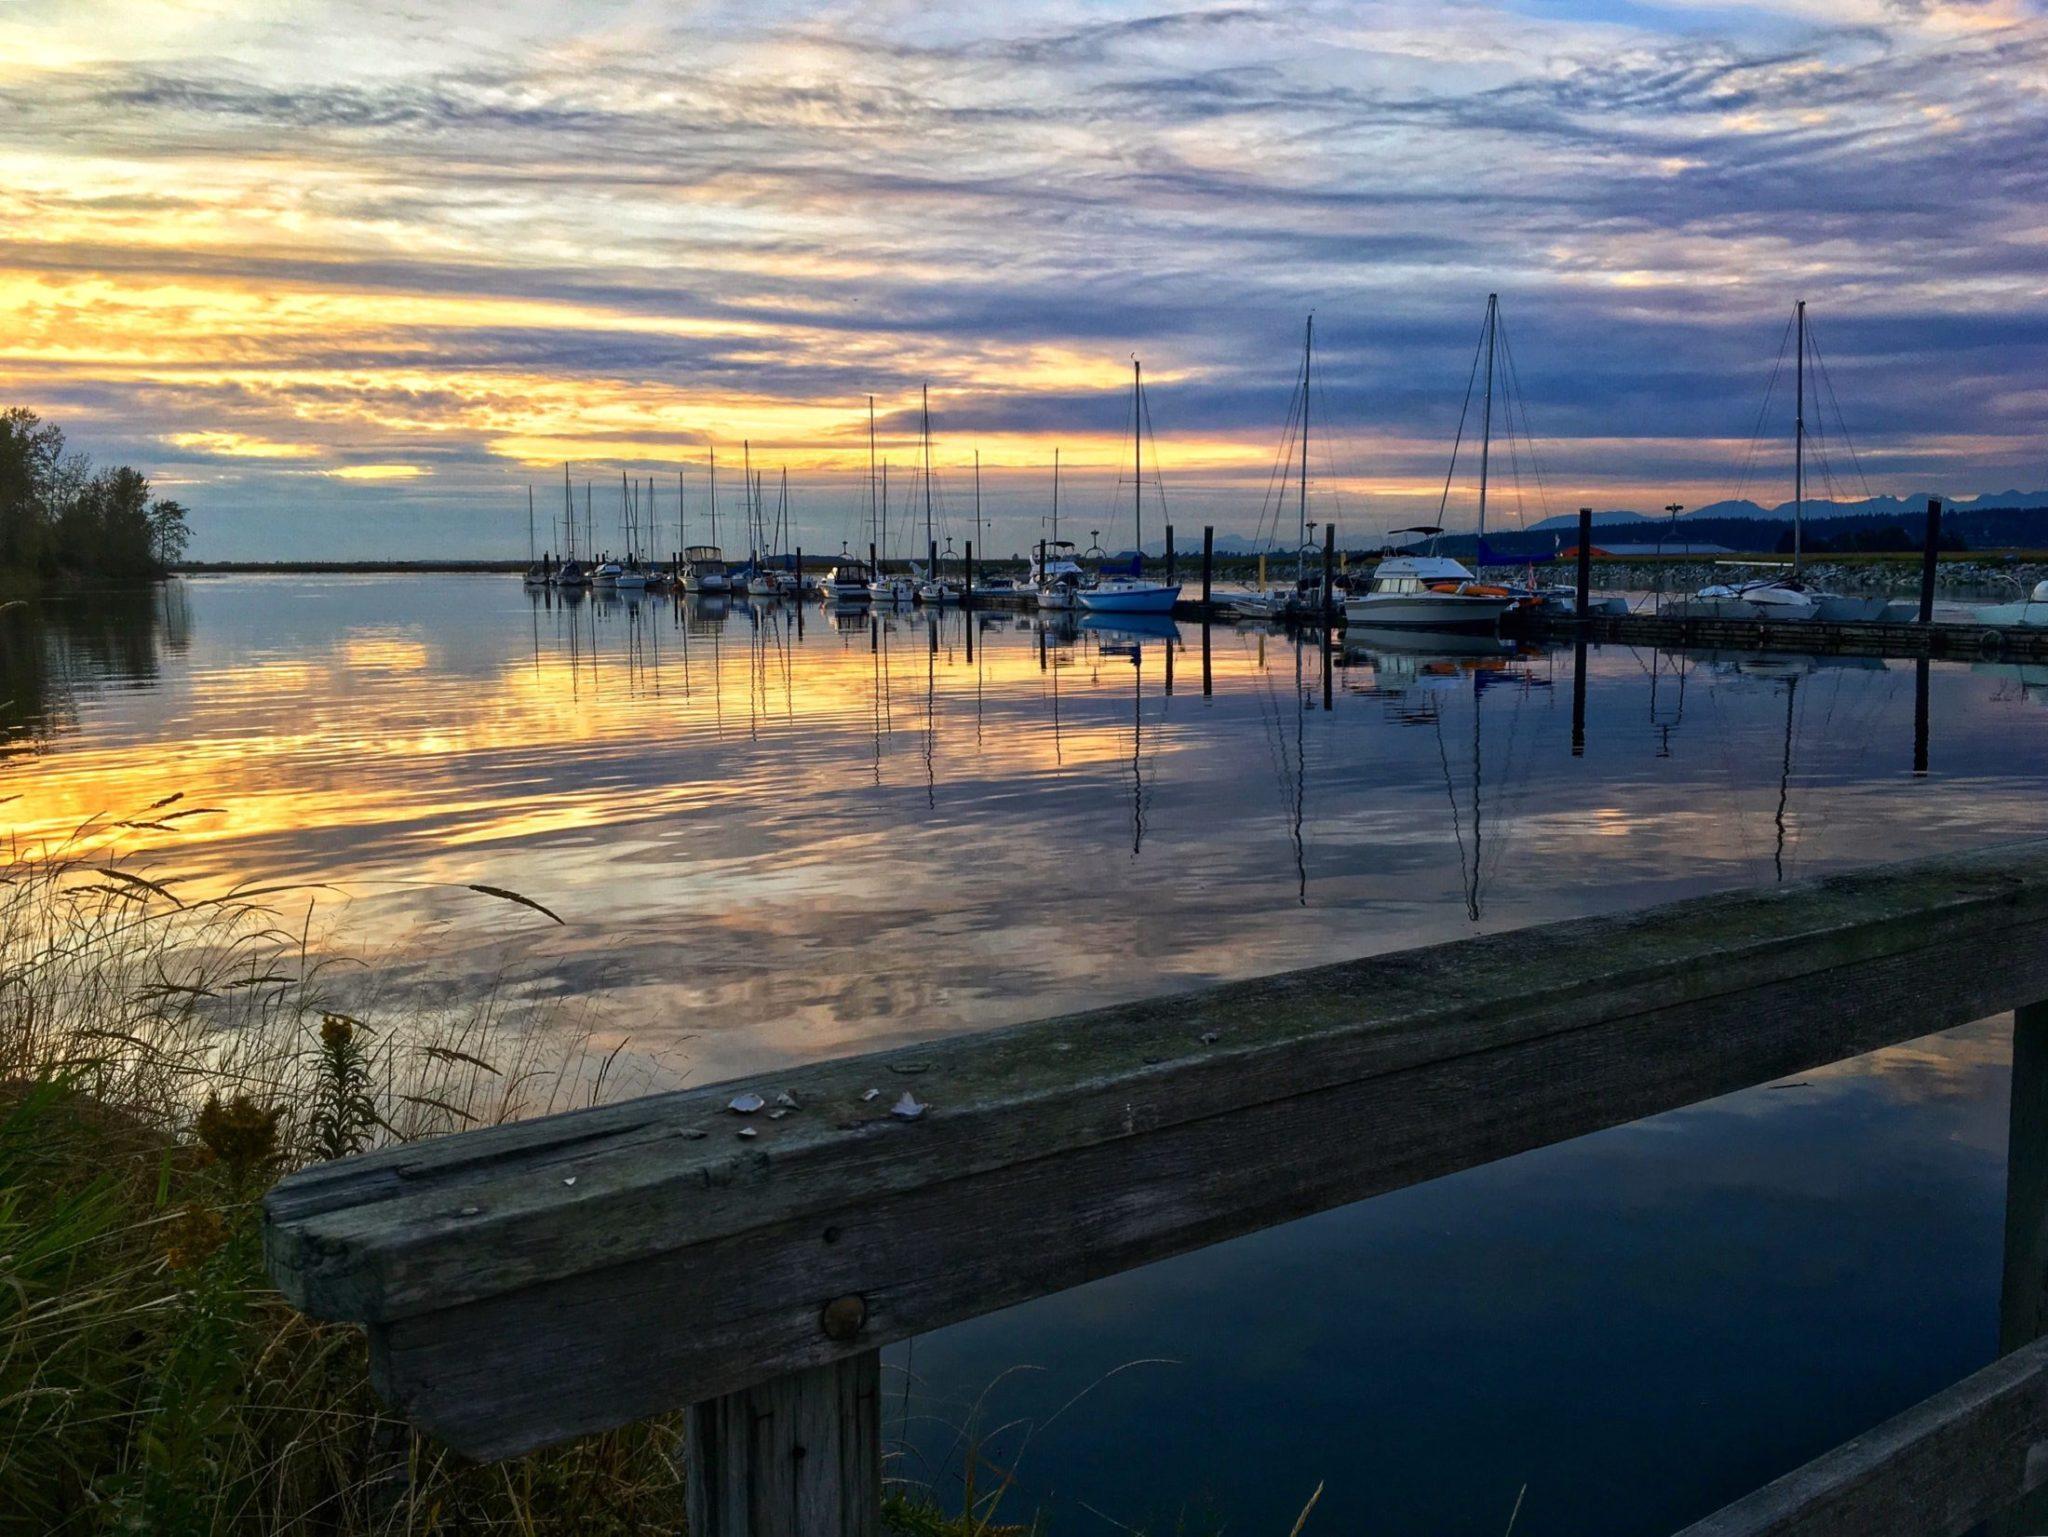 boats at a bc marina during sunset